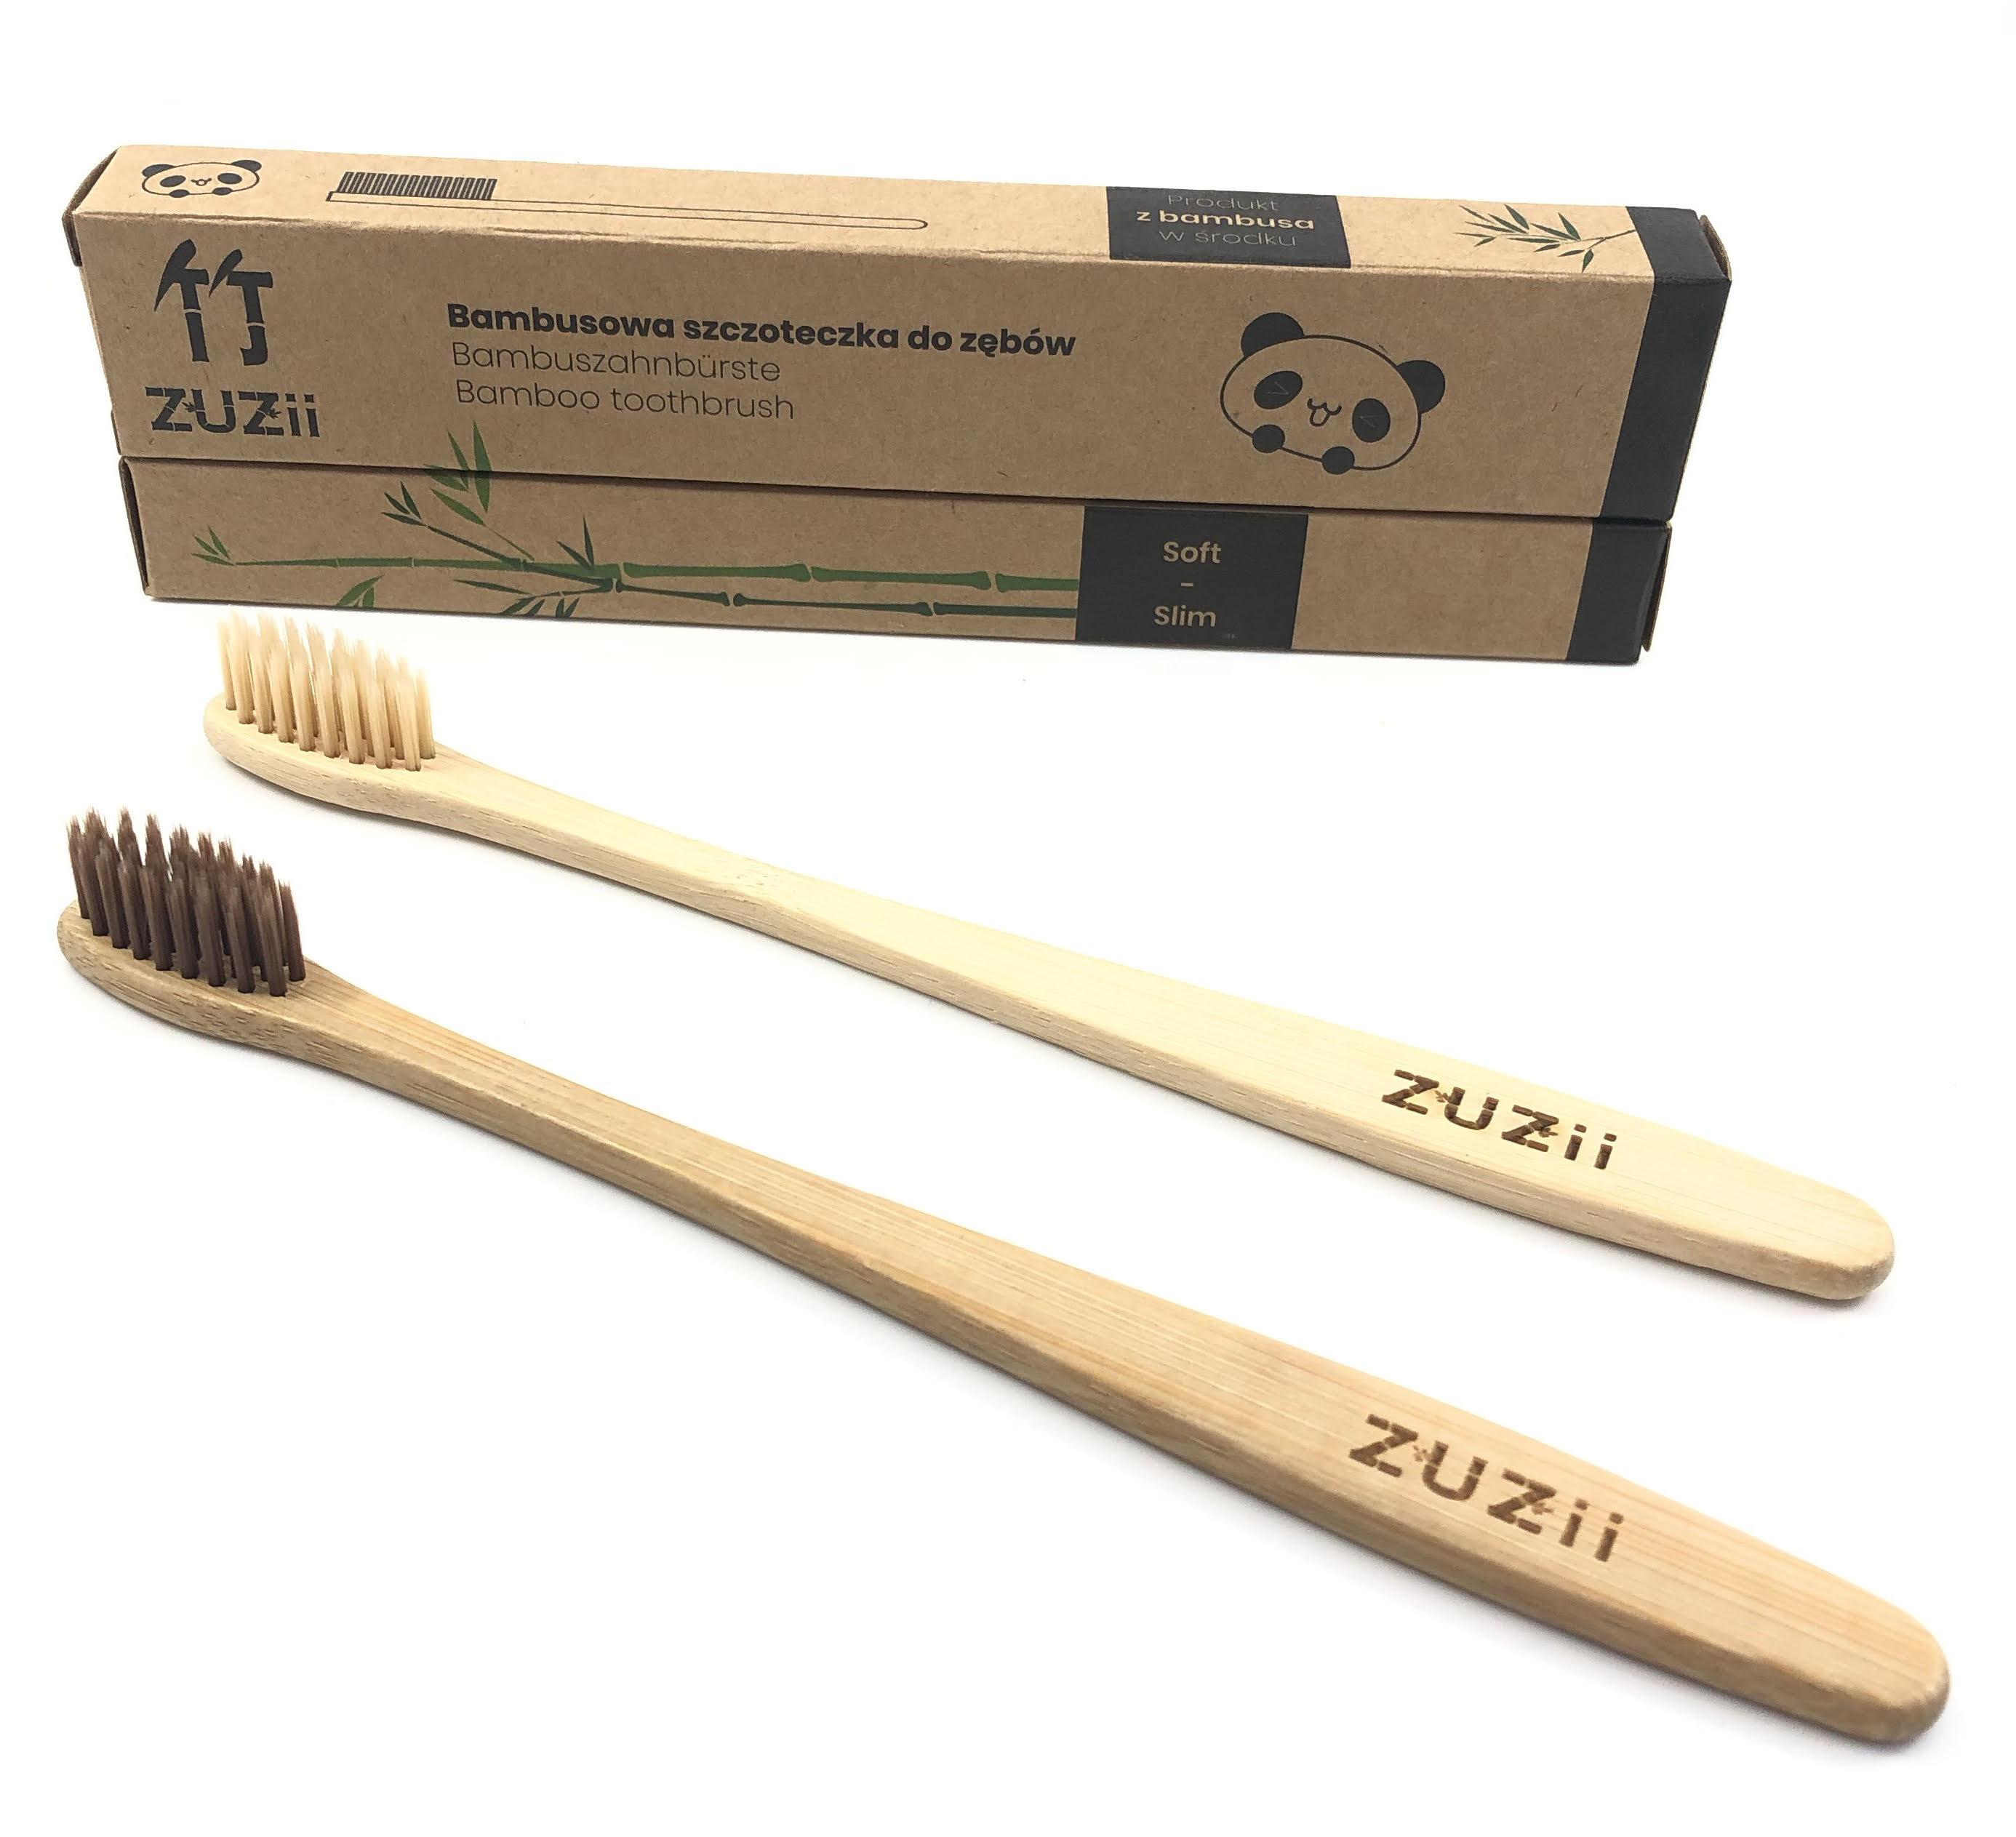 szczoteczka bambusowa ZUZii produkty ekologiczne ekologiczna sklep zero waste milvo